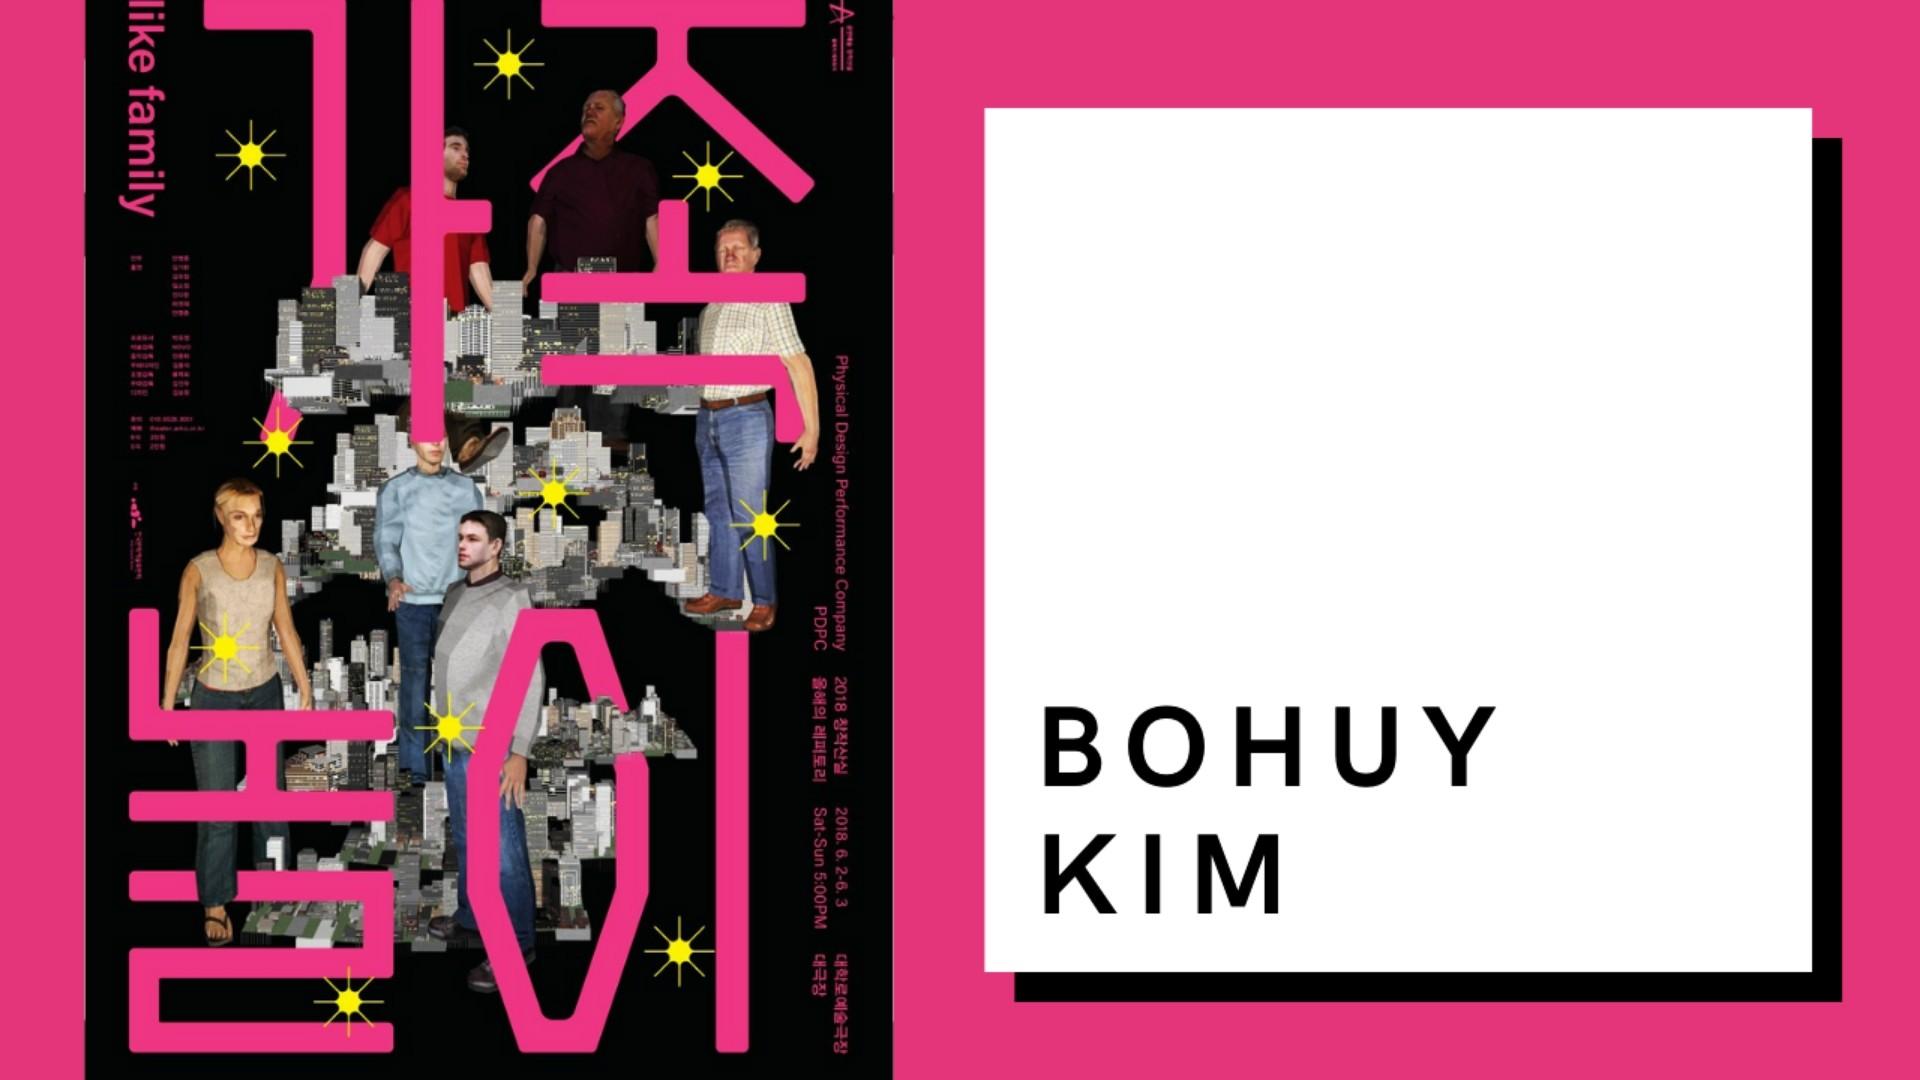 Bohuy Kim: музыкальные афиши как отдельный вид искусства